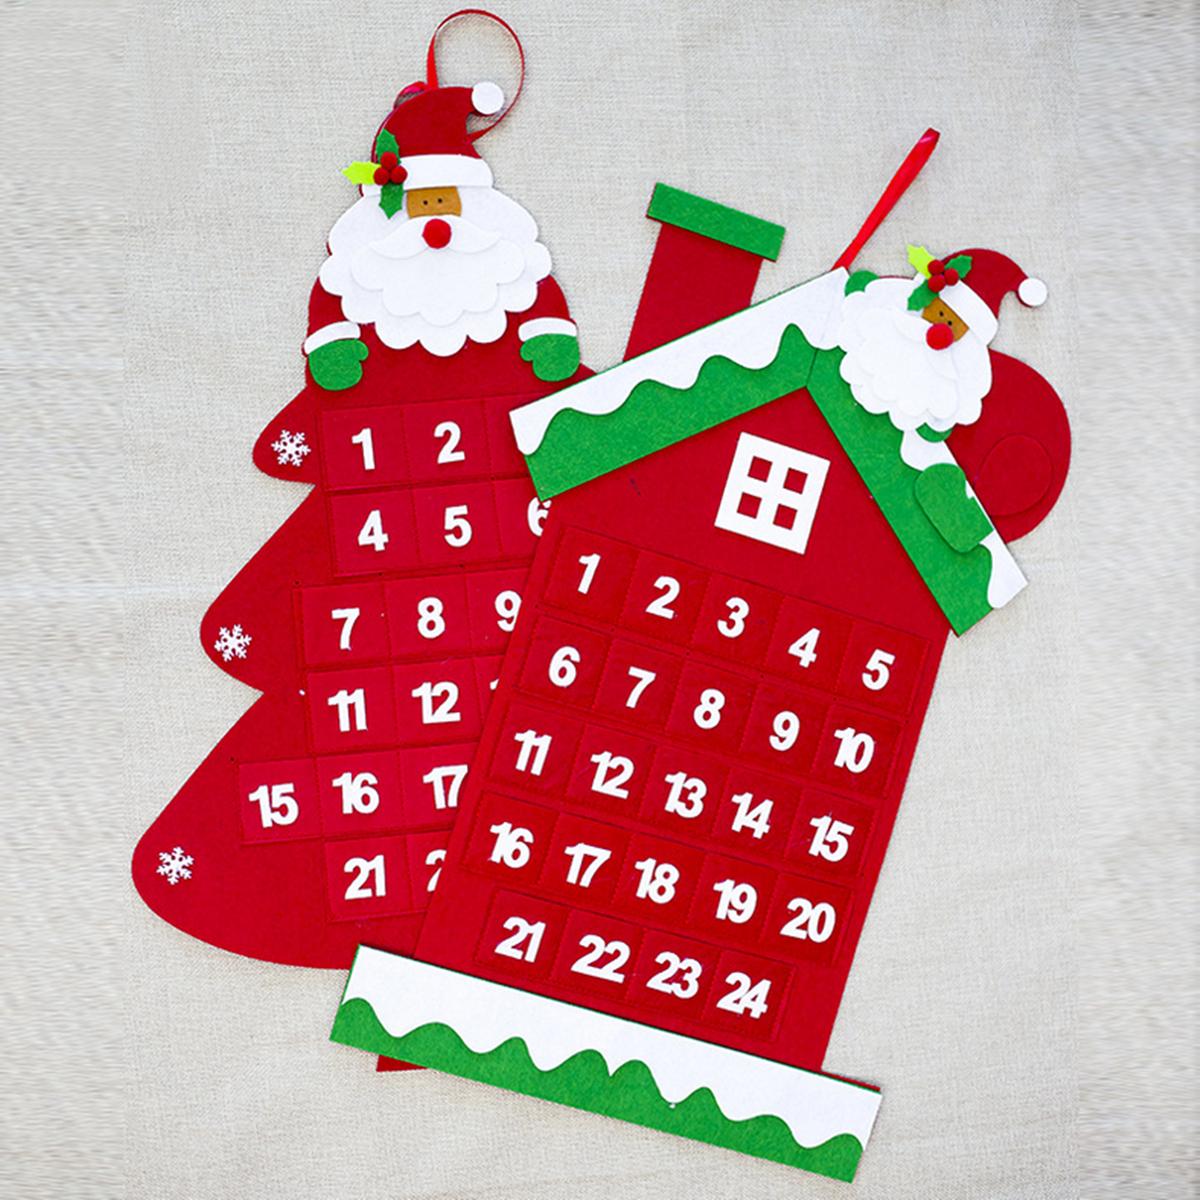 Christmas Tree Advent Calendar Felt Fabric Holiday Countdown Christmas Display Decor Alexnld Com